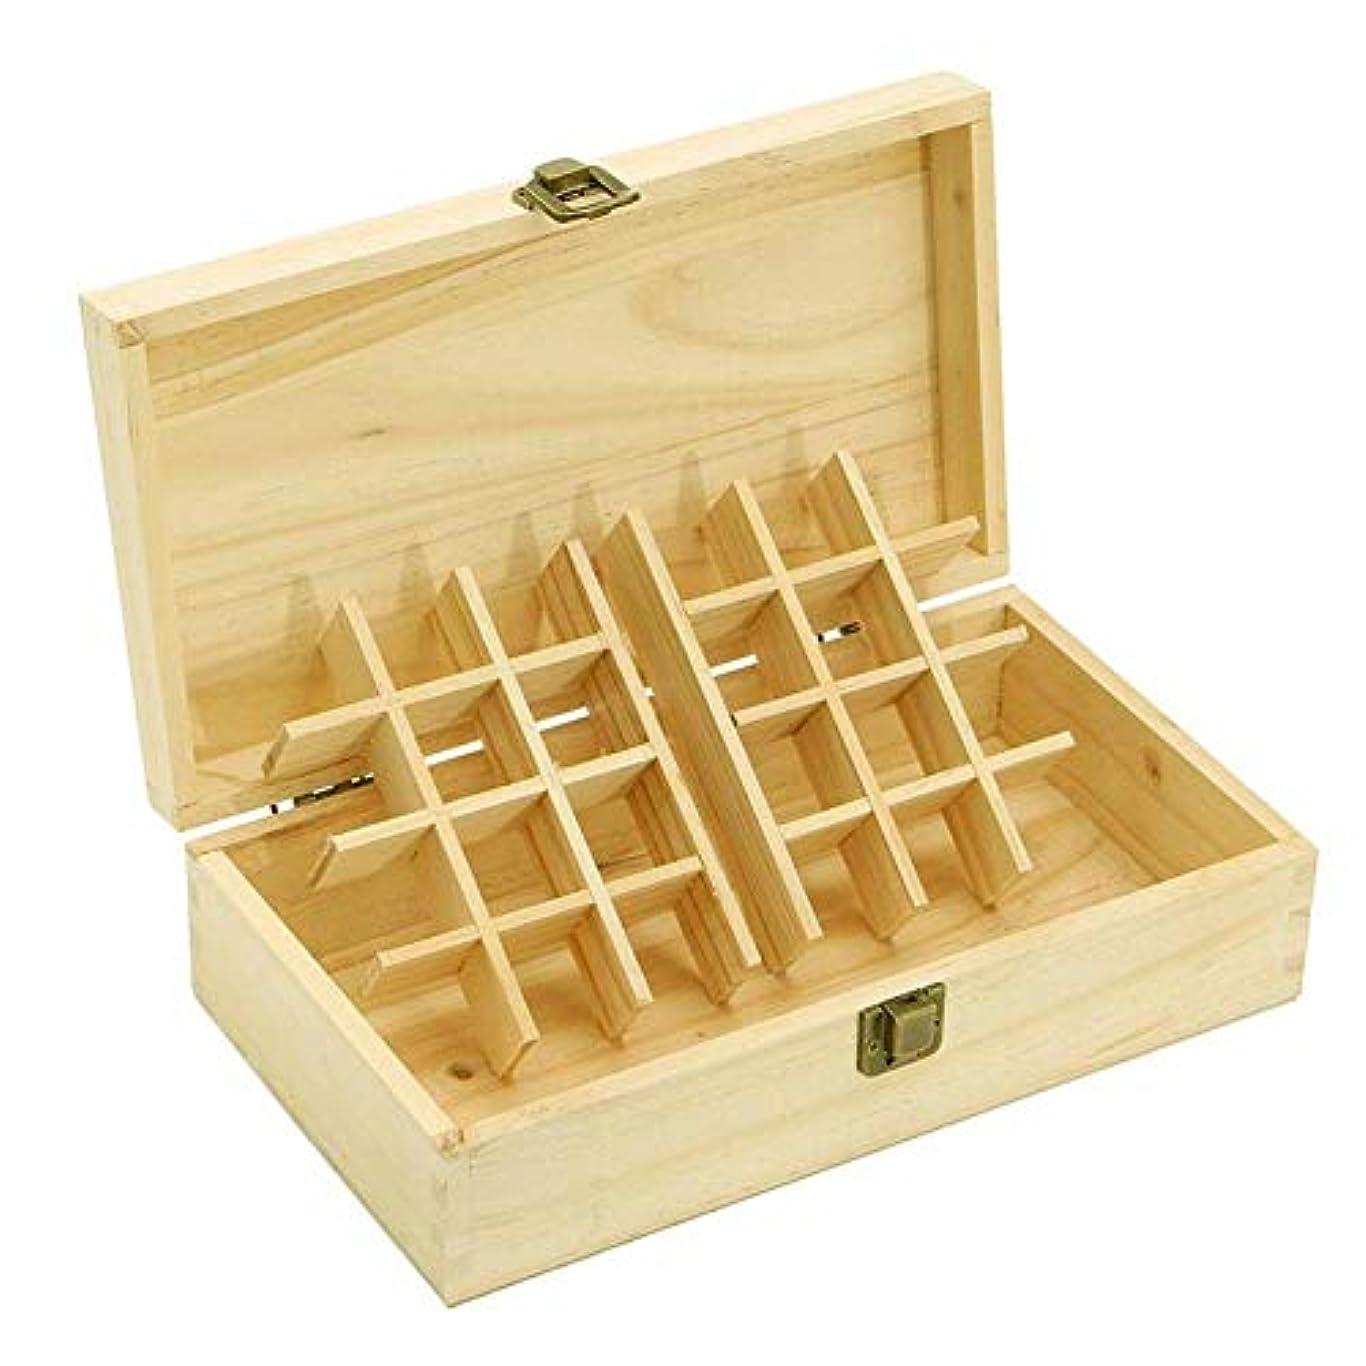 熱心ハイジャックアルプスエッセンシャルオイル収納ボックス 純木の精油の収納箱 香水収納ケース アロマオイル収納ボックス